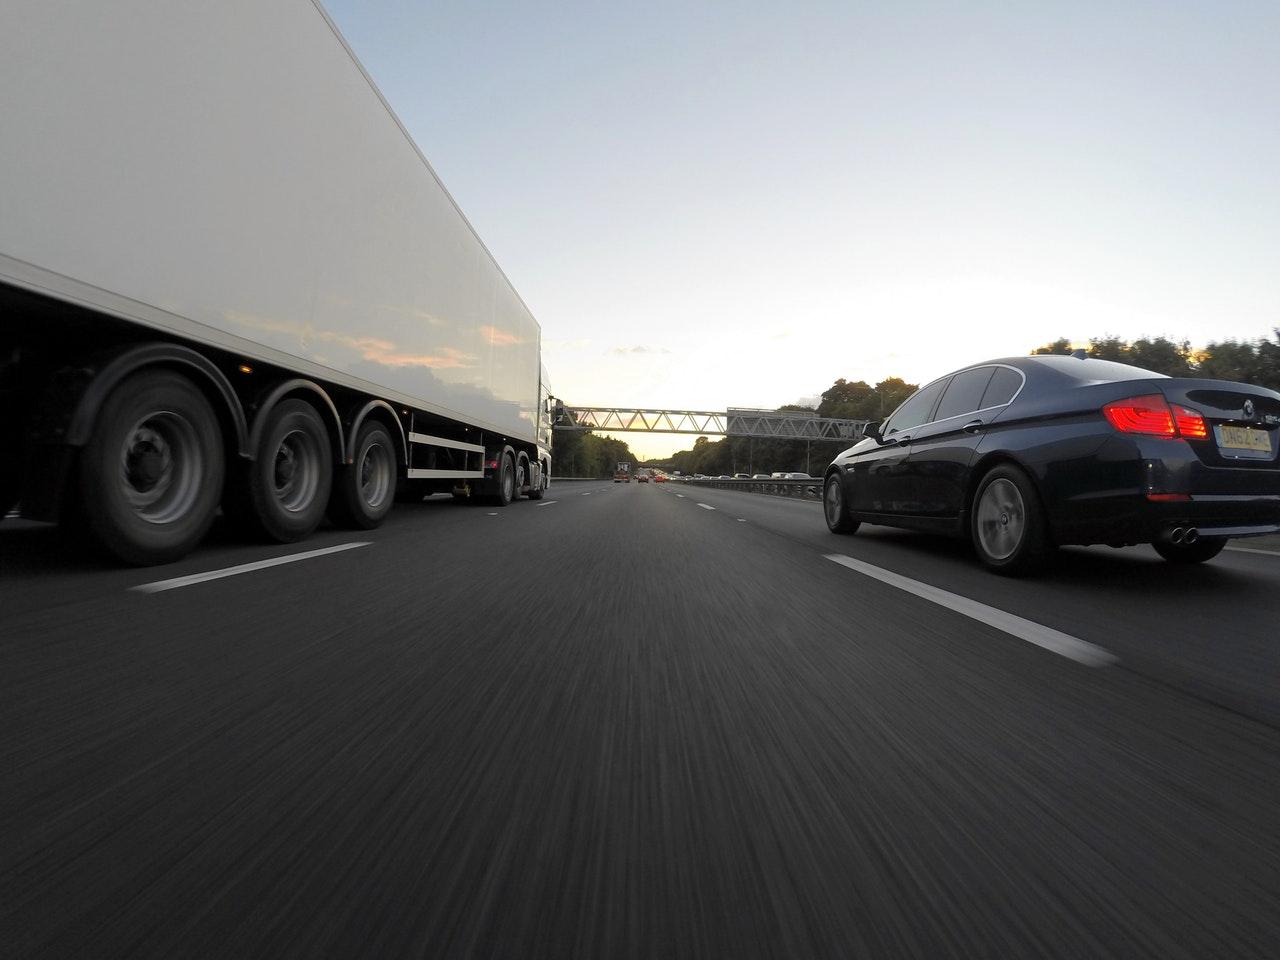 Camion et voiture sur la route